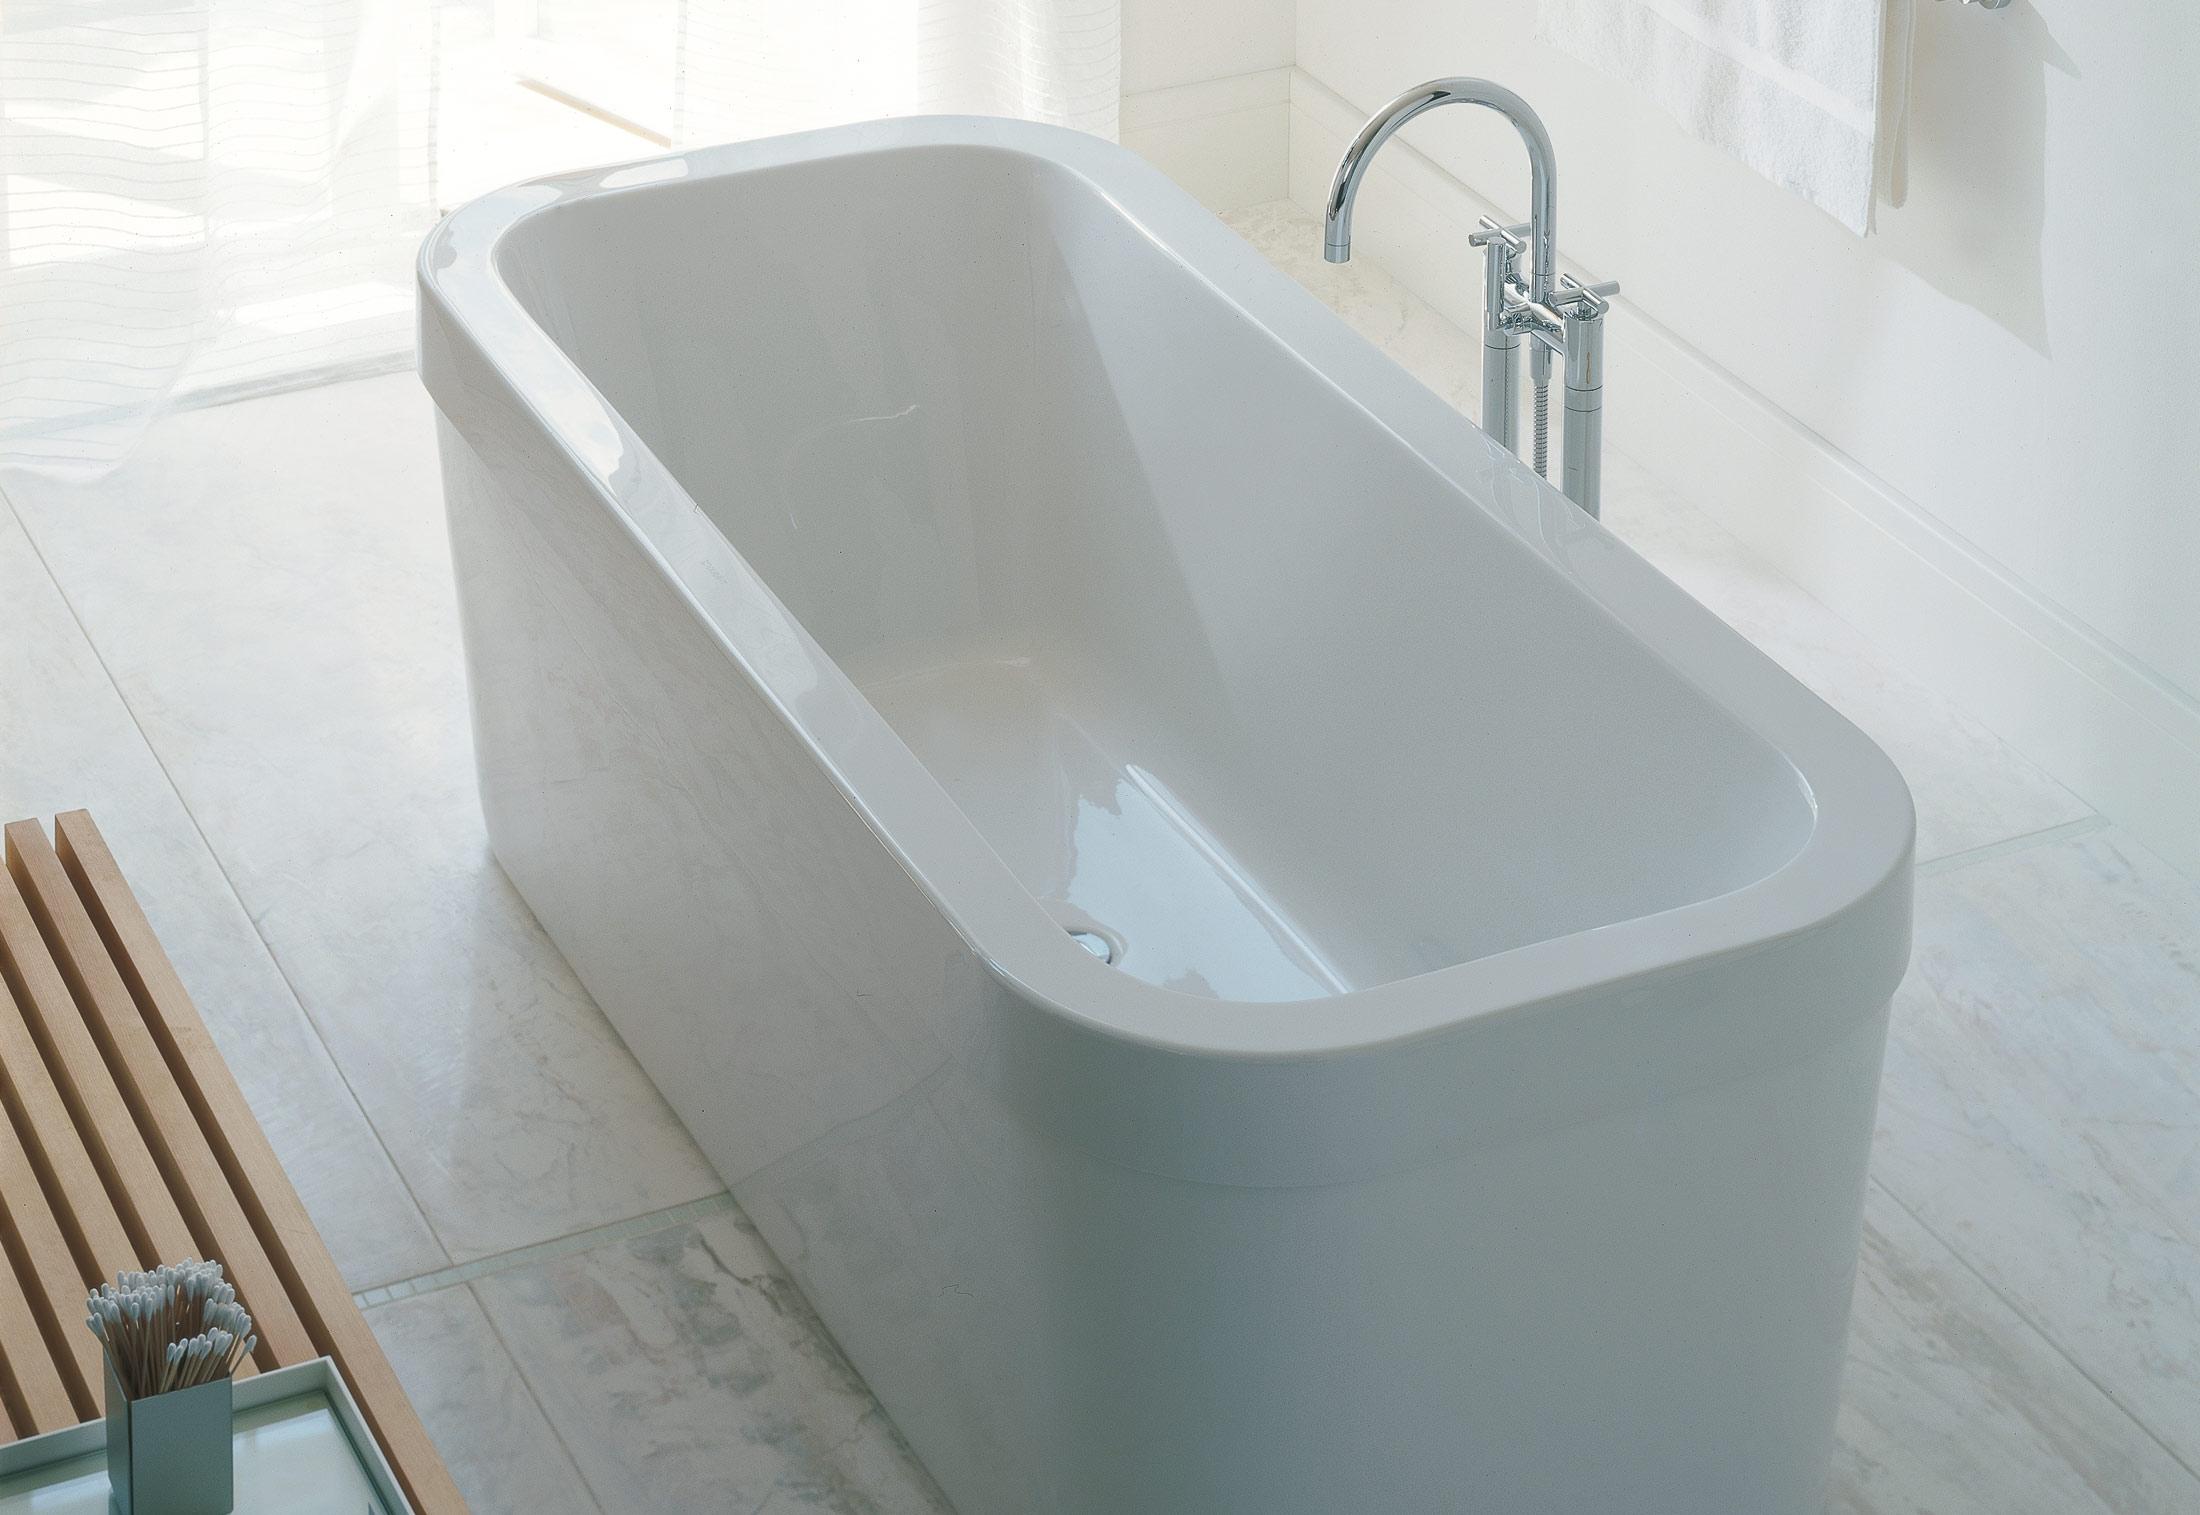 Cool Duravit Happy D Tub Images - The Best Bathroom Ideas - lapoup.com